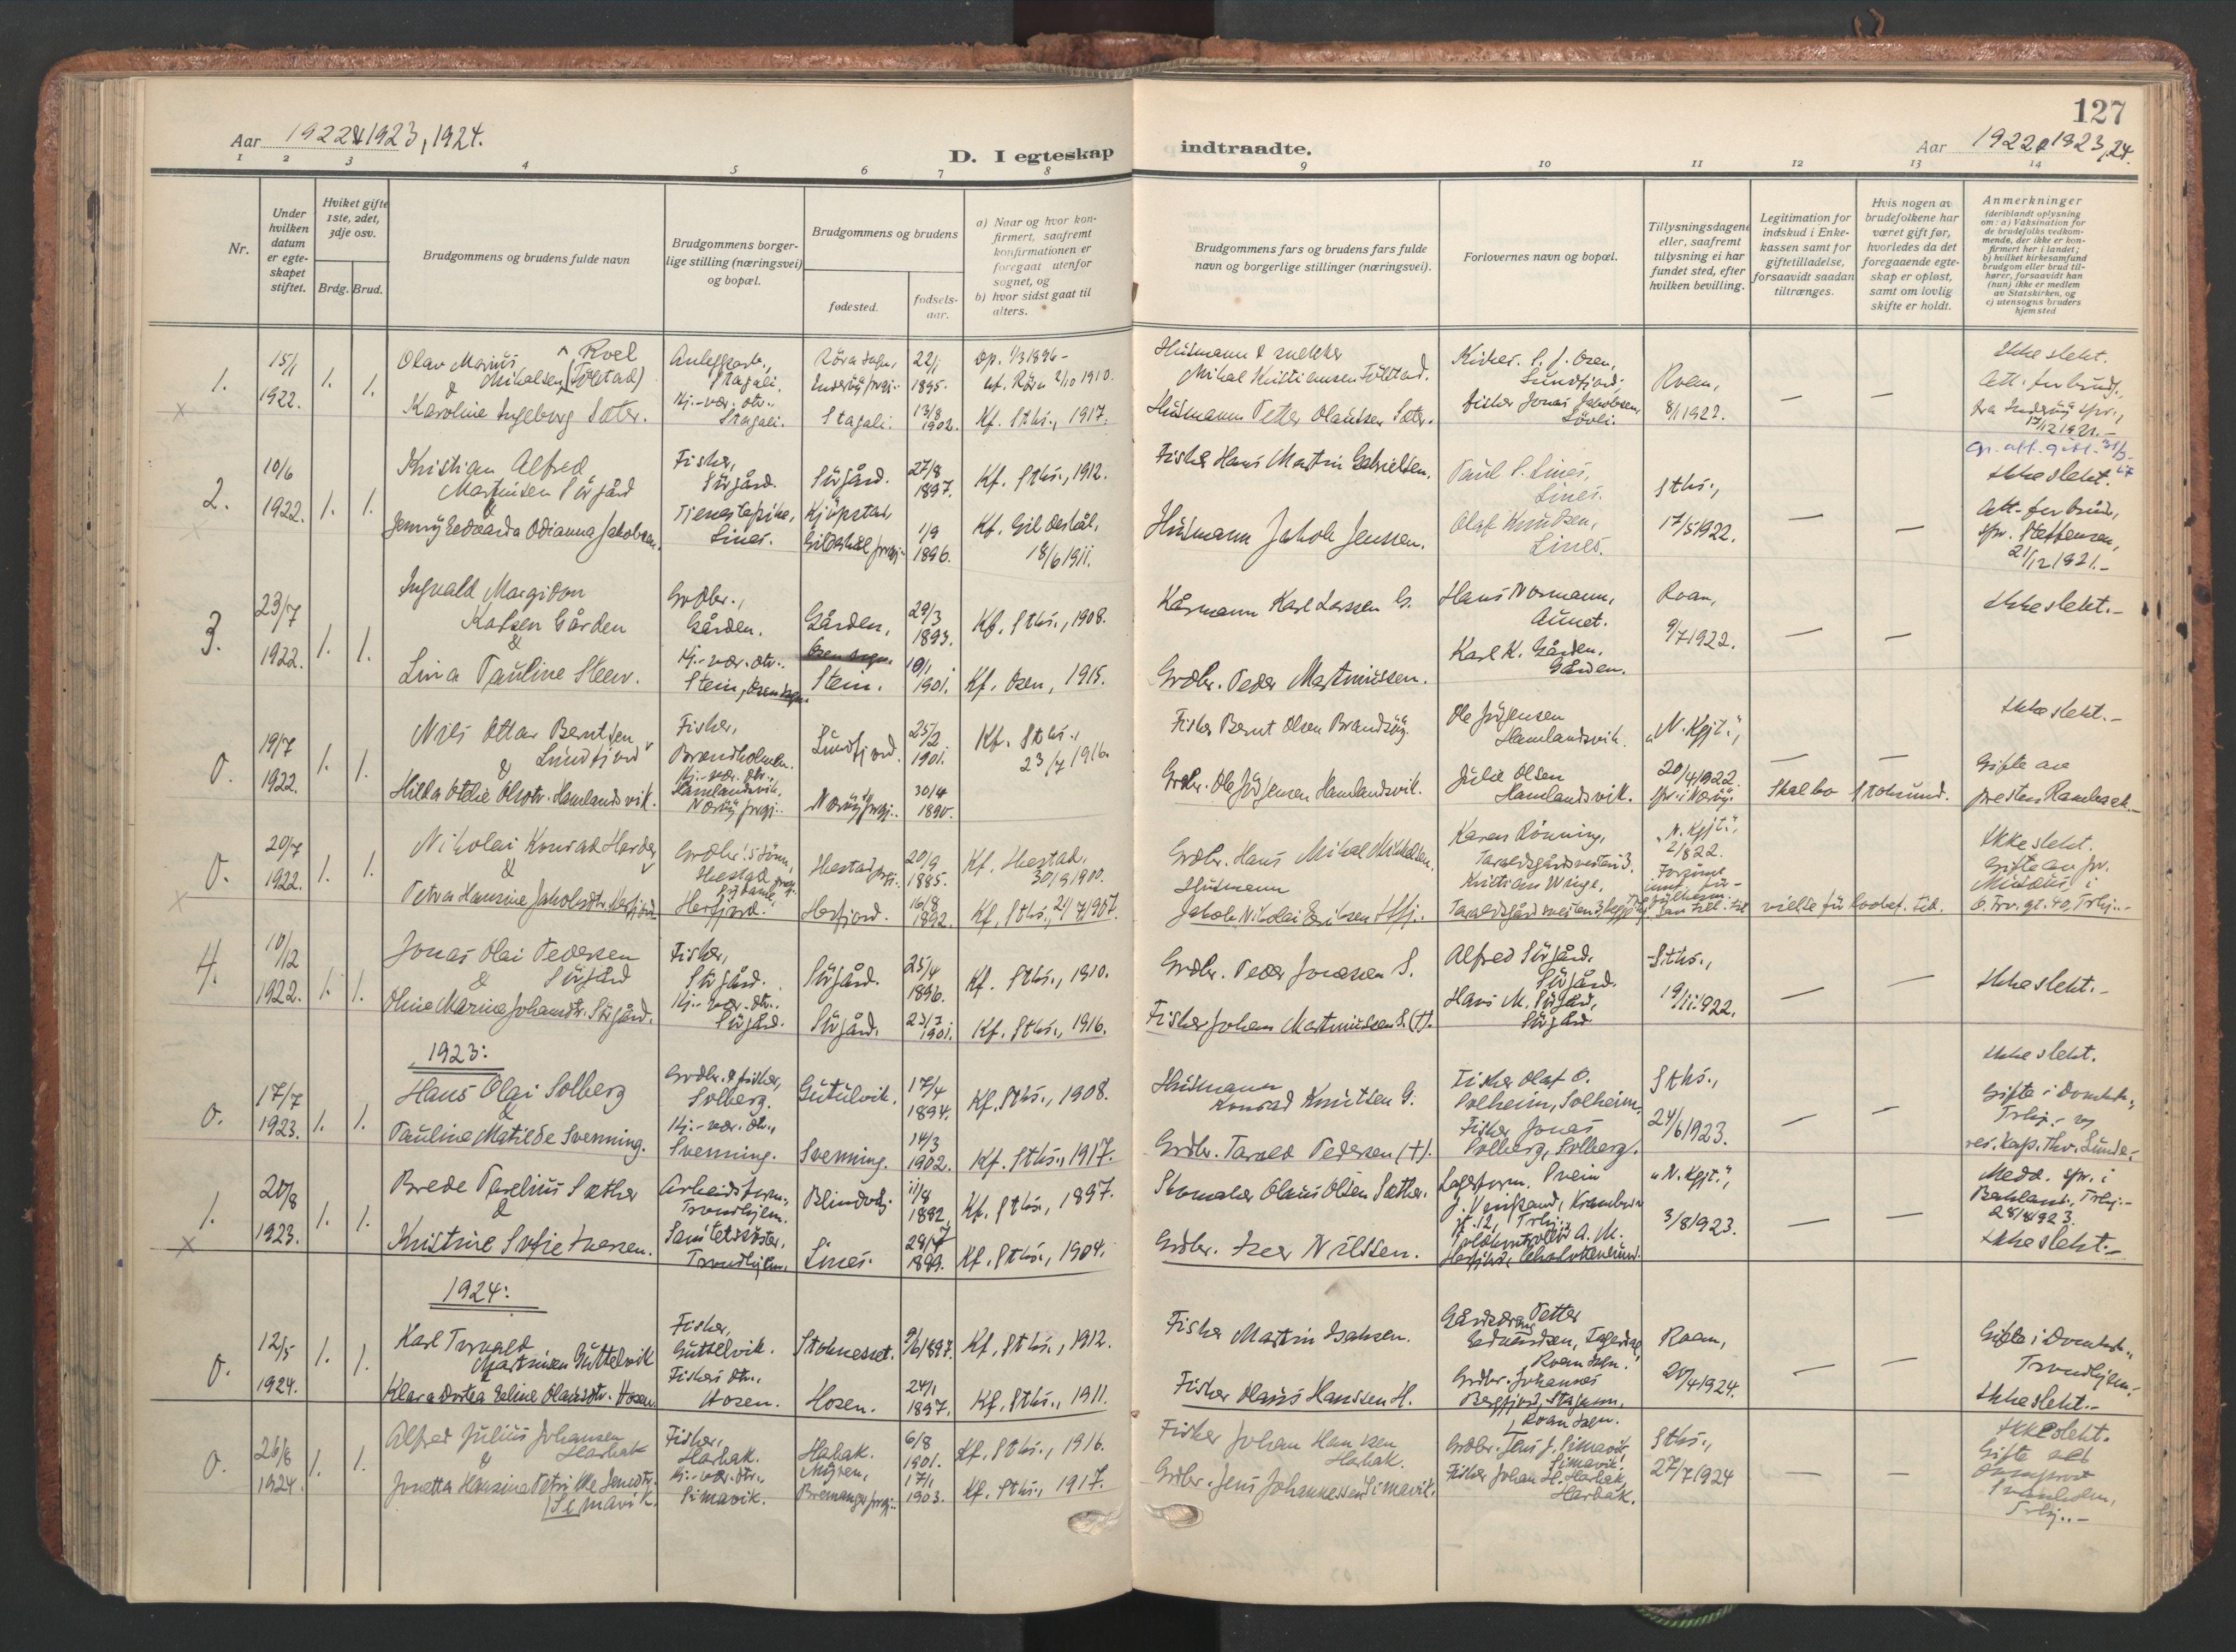 SAT, Ministerialprotokoller, klokkerbøker og fødselsregistre - Sør-Trøndelag, 656/L0694: Ministerialbok nr. 656A03, 1914-1931, s. 127